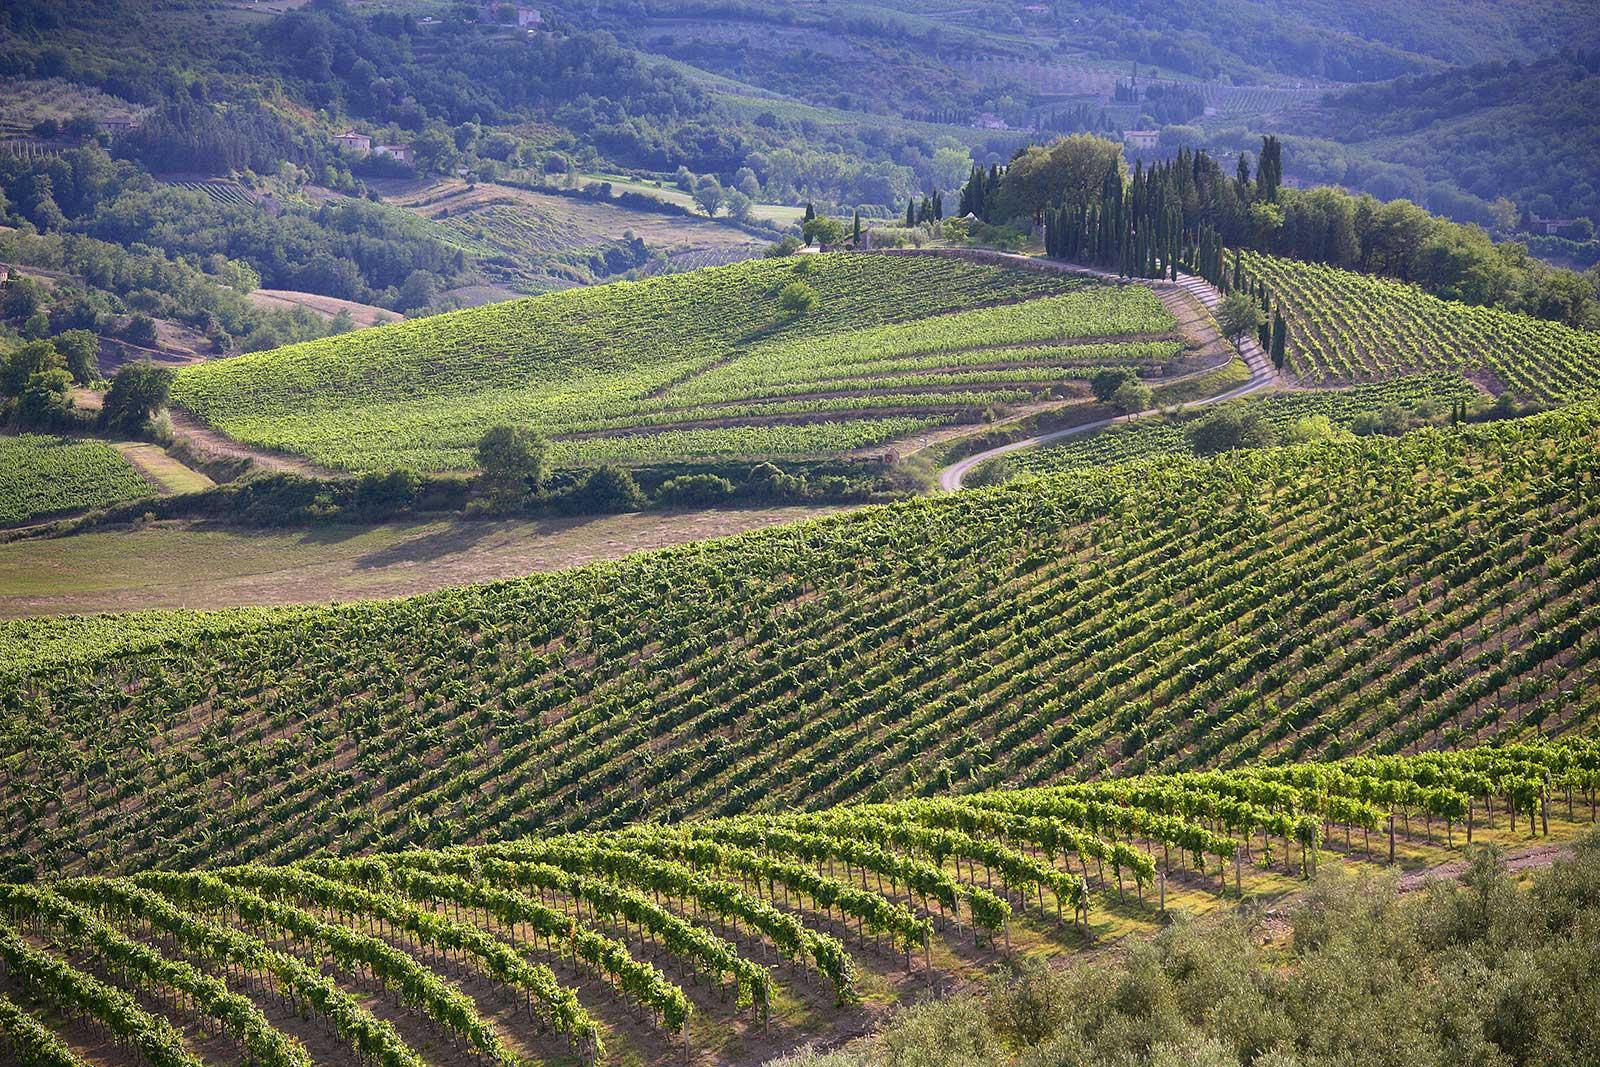 Vineyards near Radda in Chianti ©Consorzio Chianti Classico